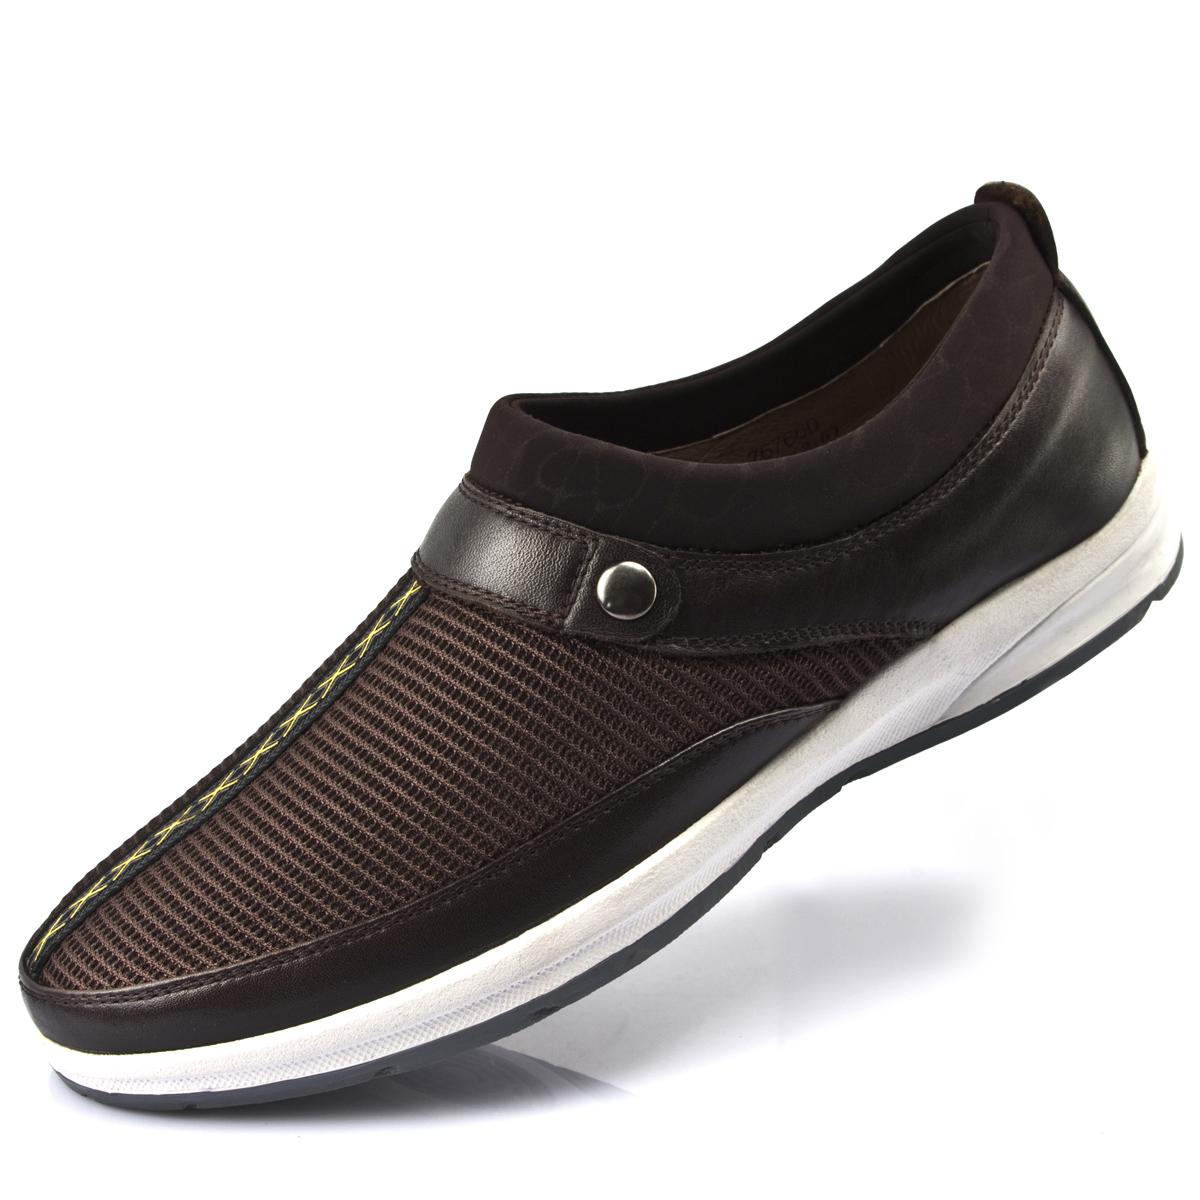 yestony真皮男鞋透气新款男凉鞋超软休闲皮鞋时尚网眼凉鞋405